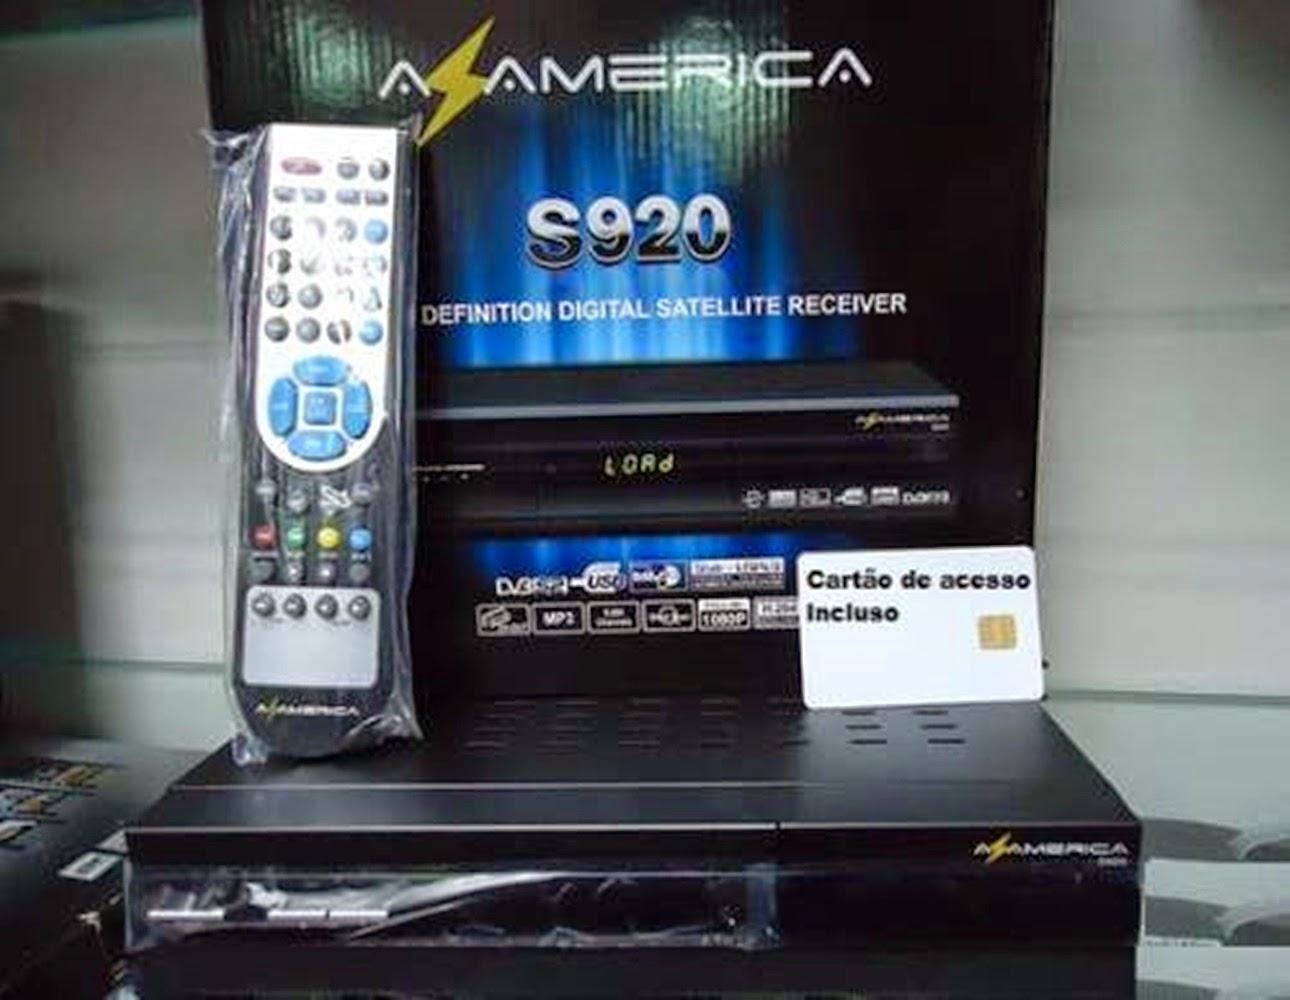 AZAMERICA S920 NOVA ATUALIZAÇÃO MODIFICADA 11